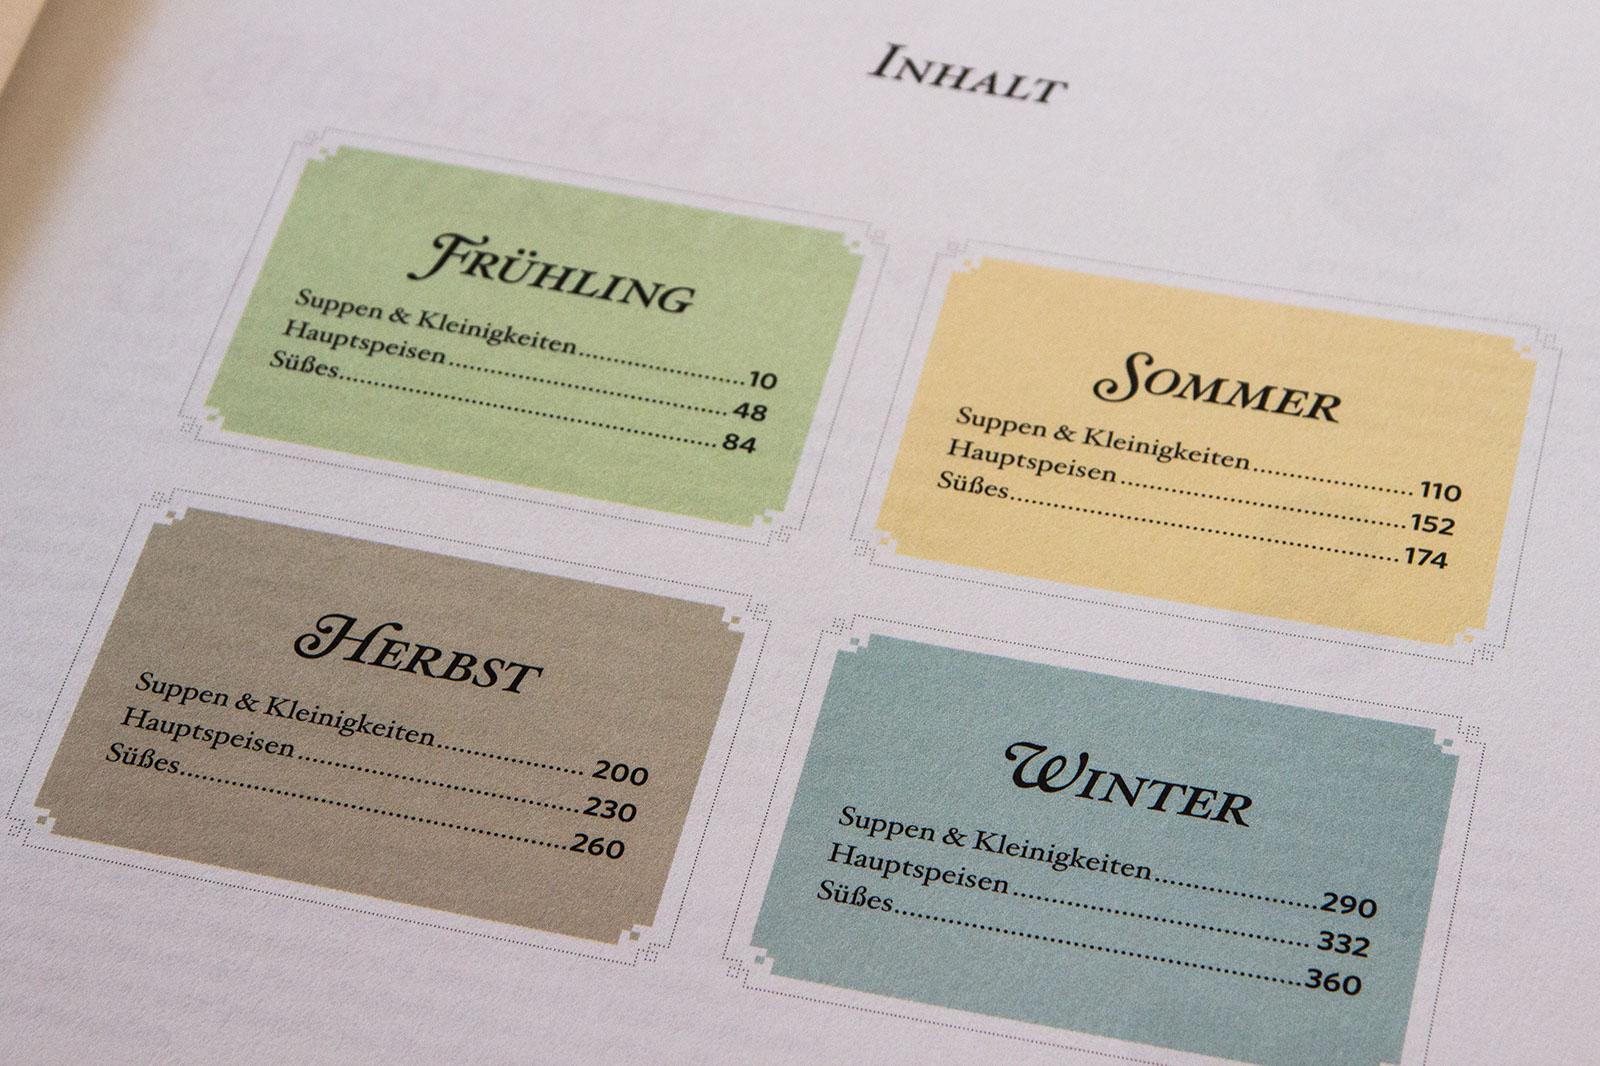 Die Saisonale Einteilung des Buches